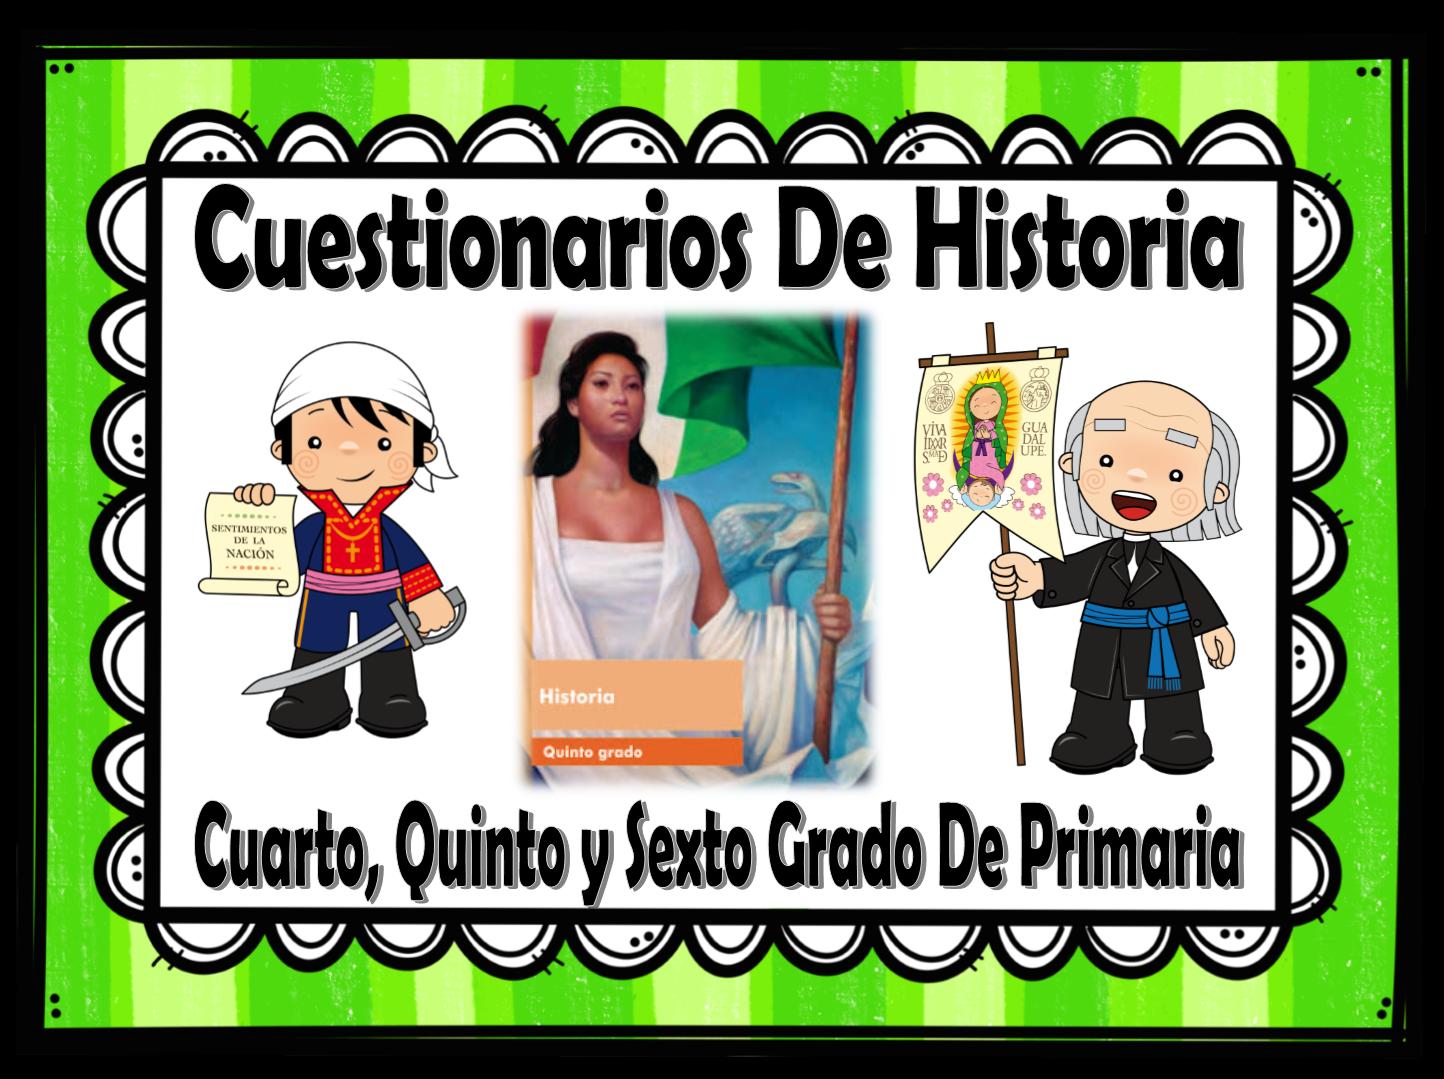 Cuestionarios de historia de cuarto quinto y sexto grado for Cuarto primaria